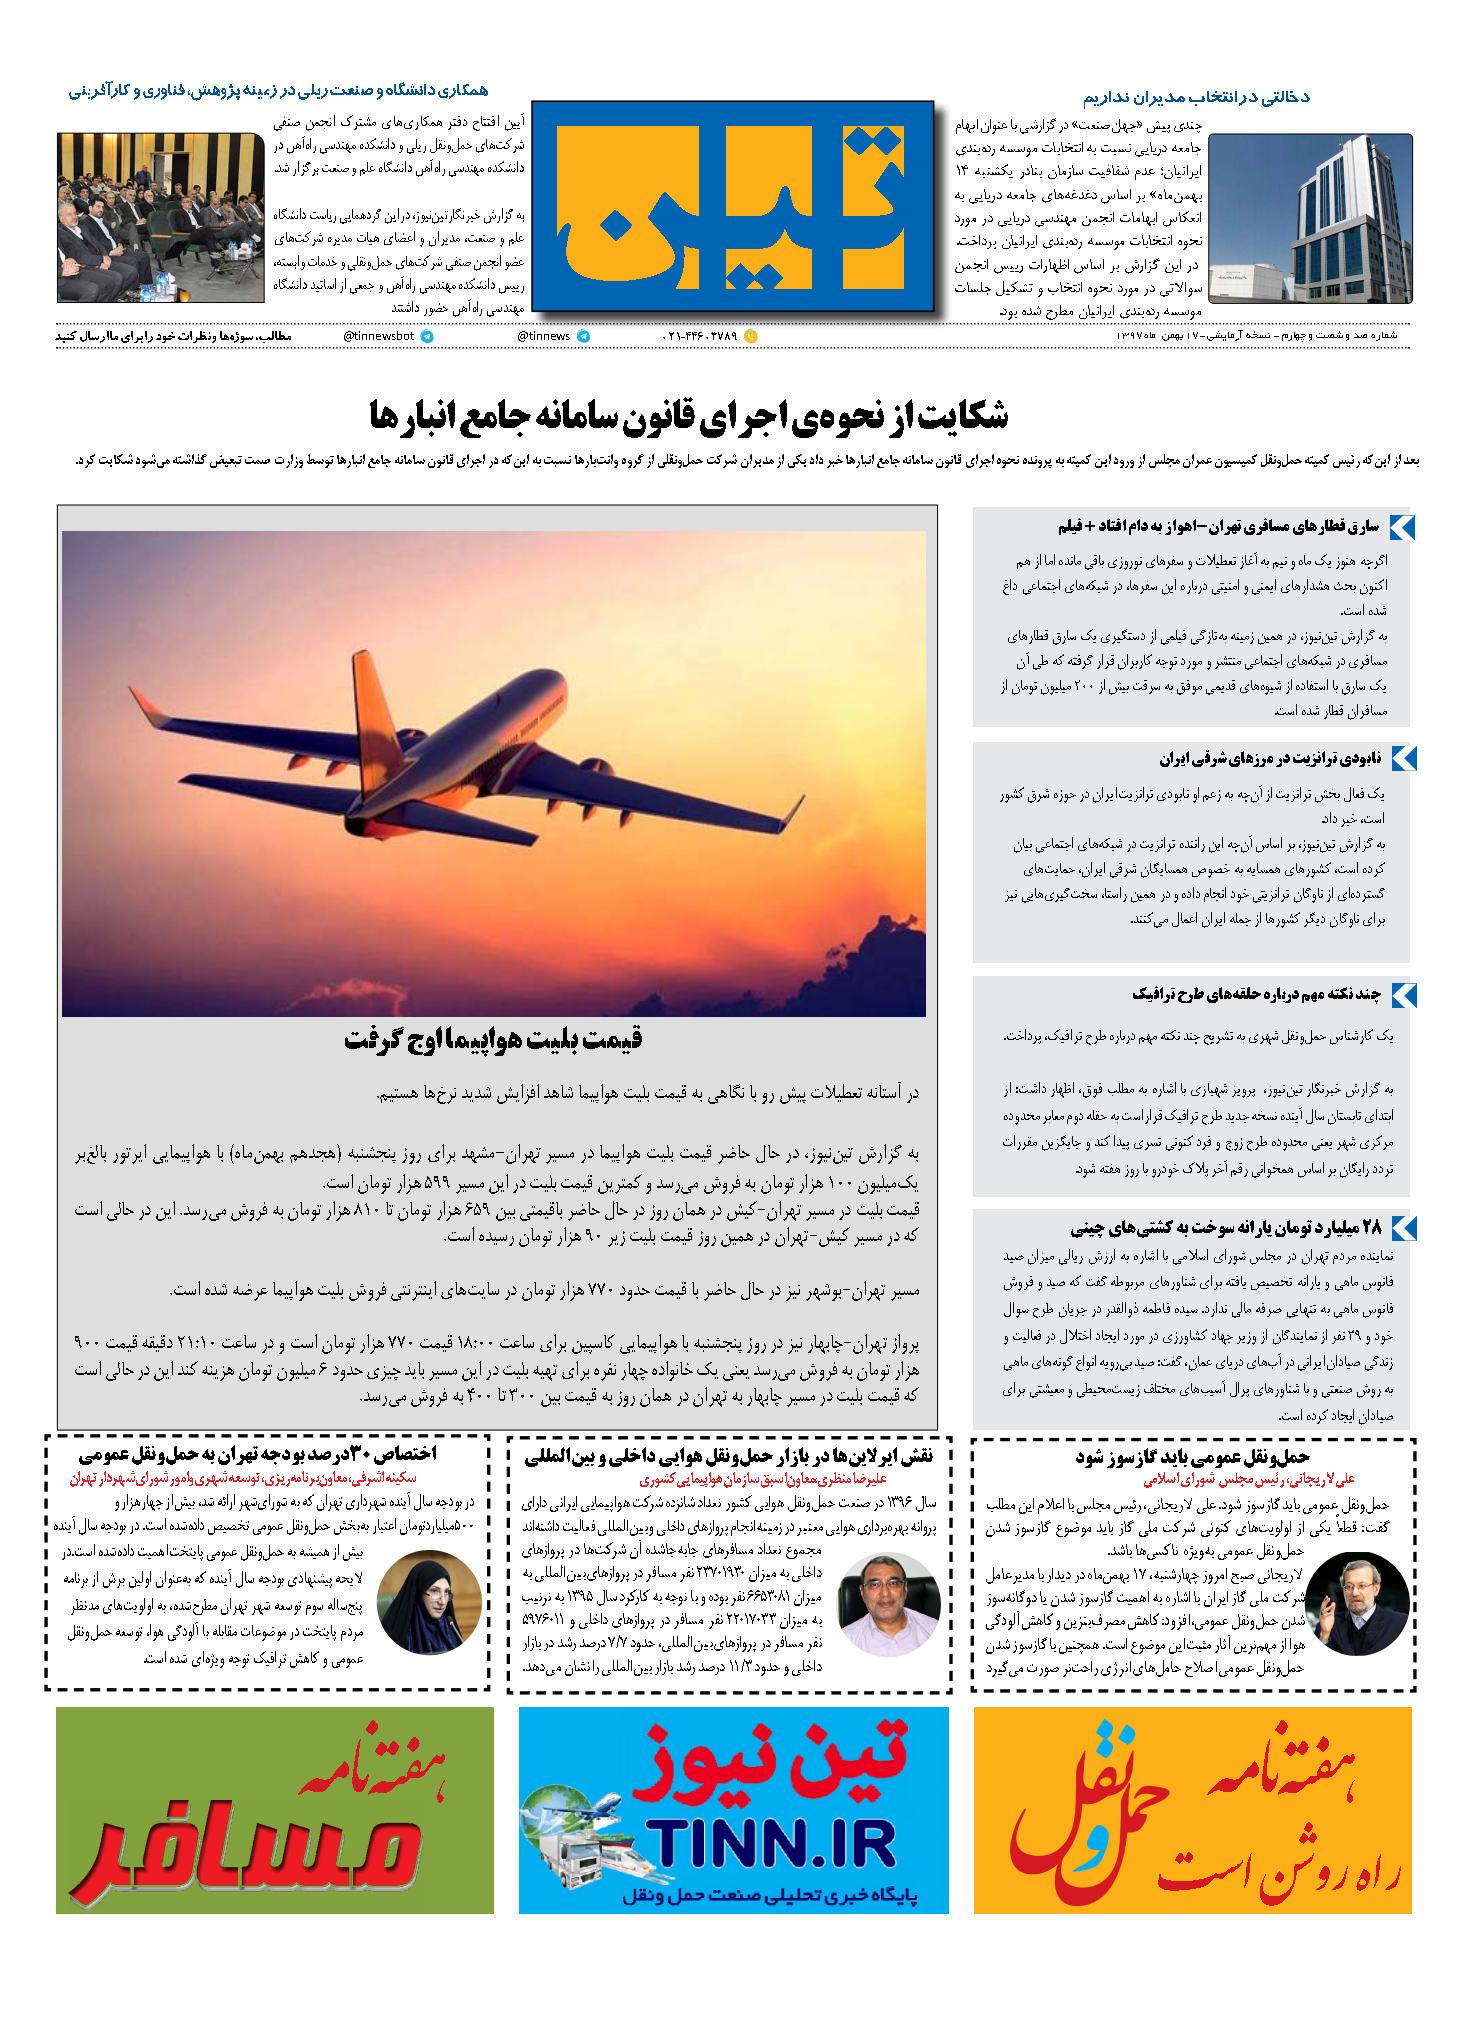 روزنامه الکترونیک 17 بهمن ماه 97